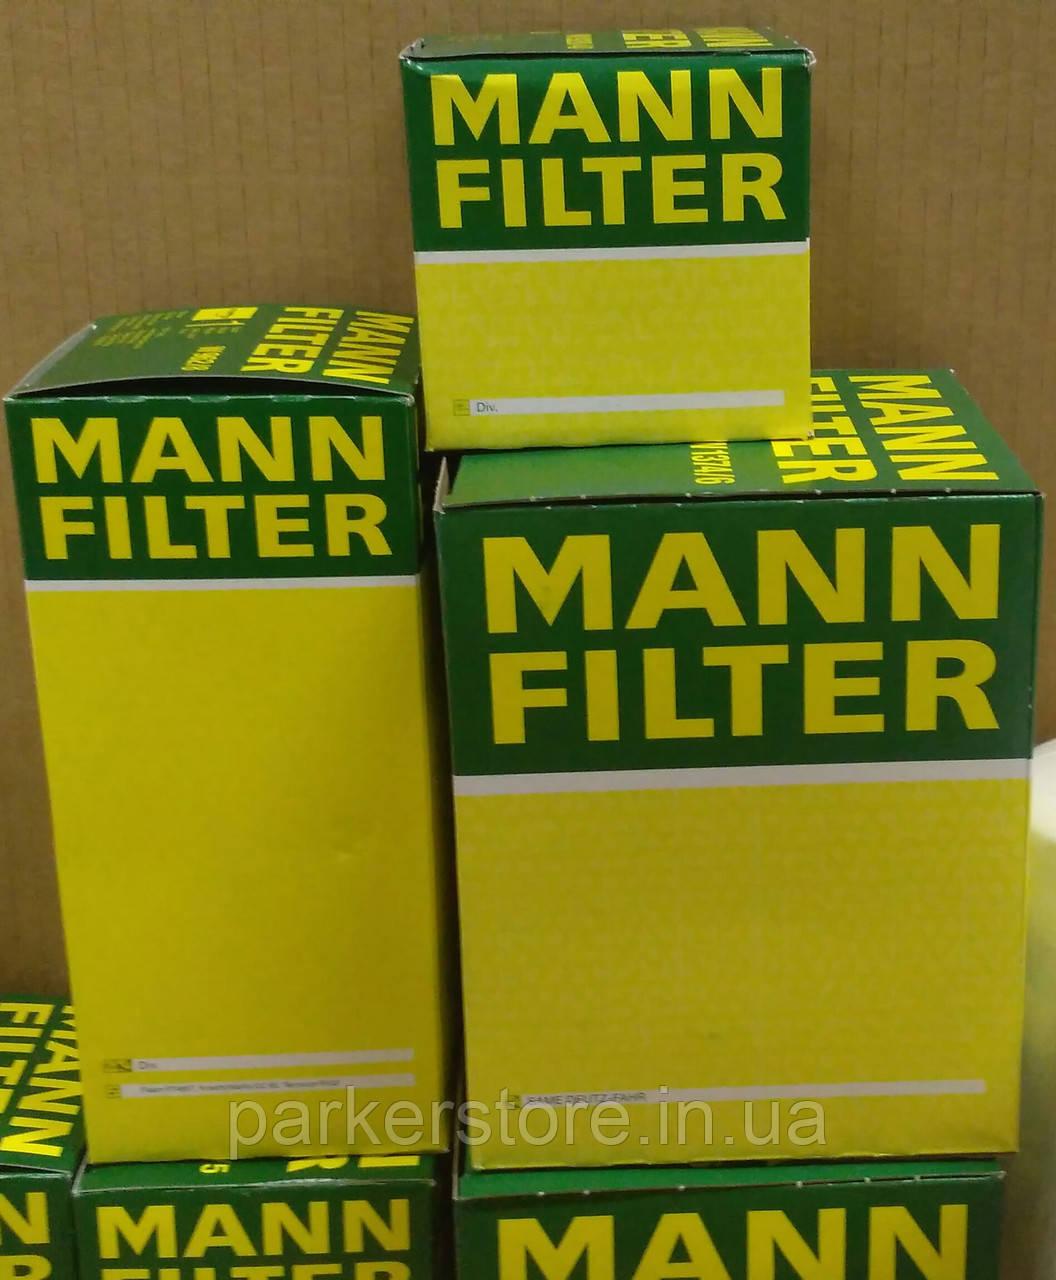 MANN FILTER / Воздушный фильтр / C 2524/1 / C2524/1